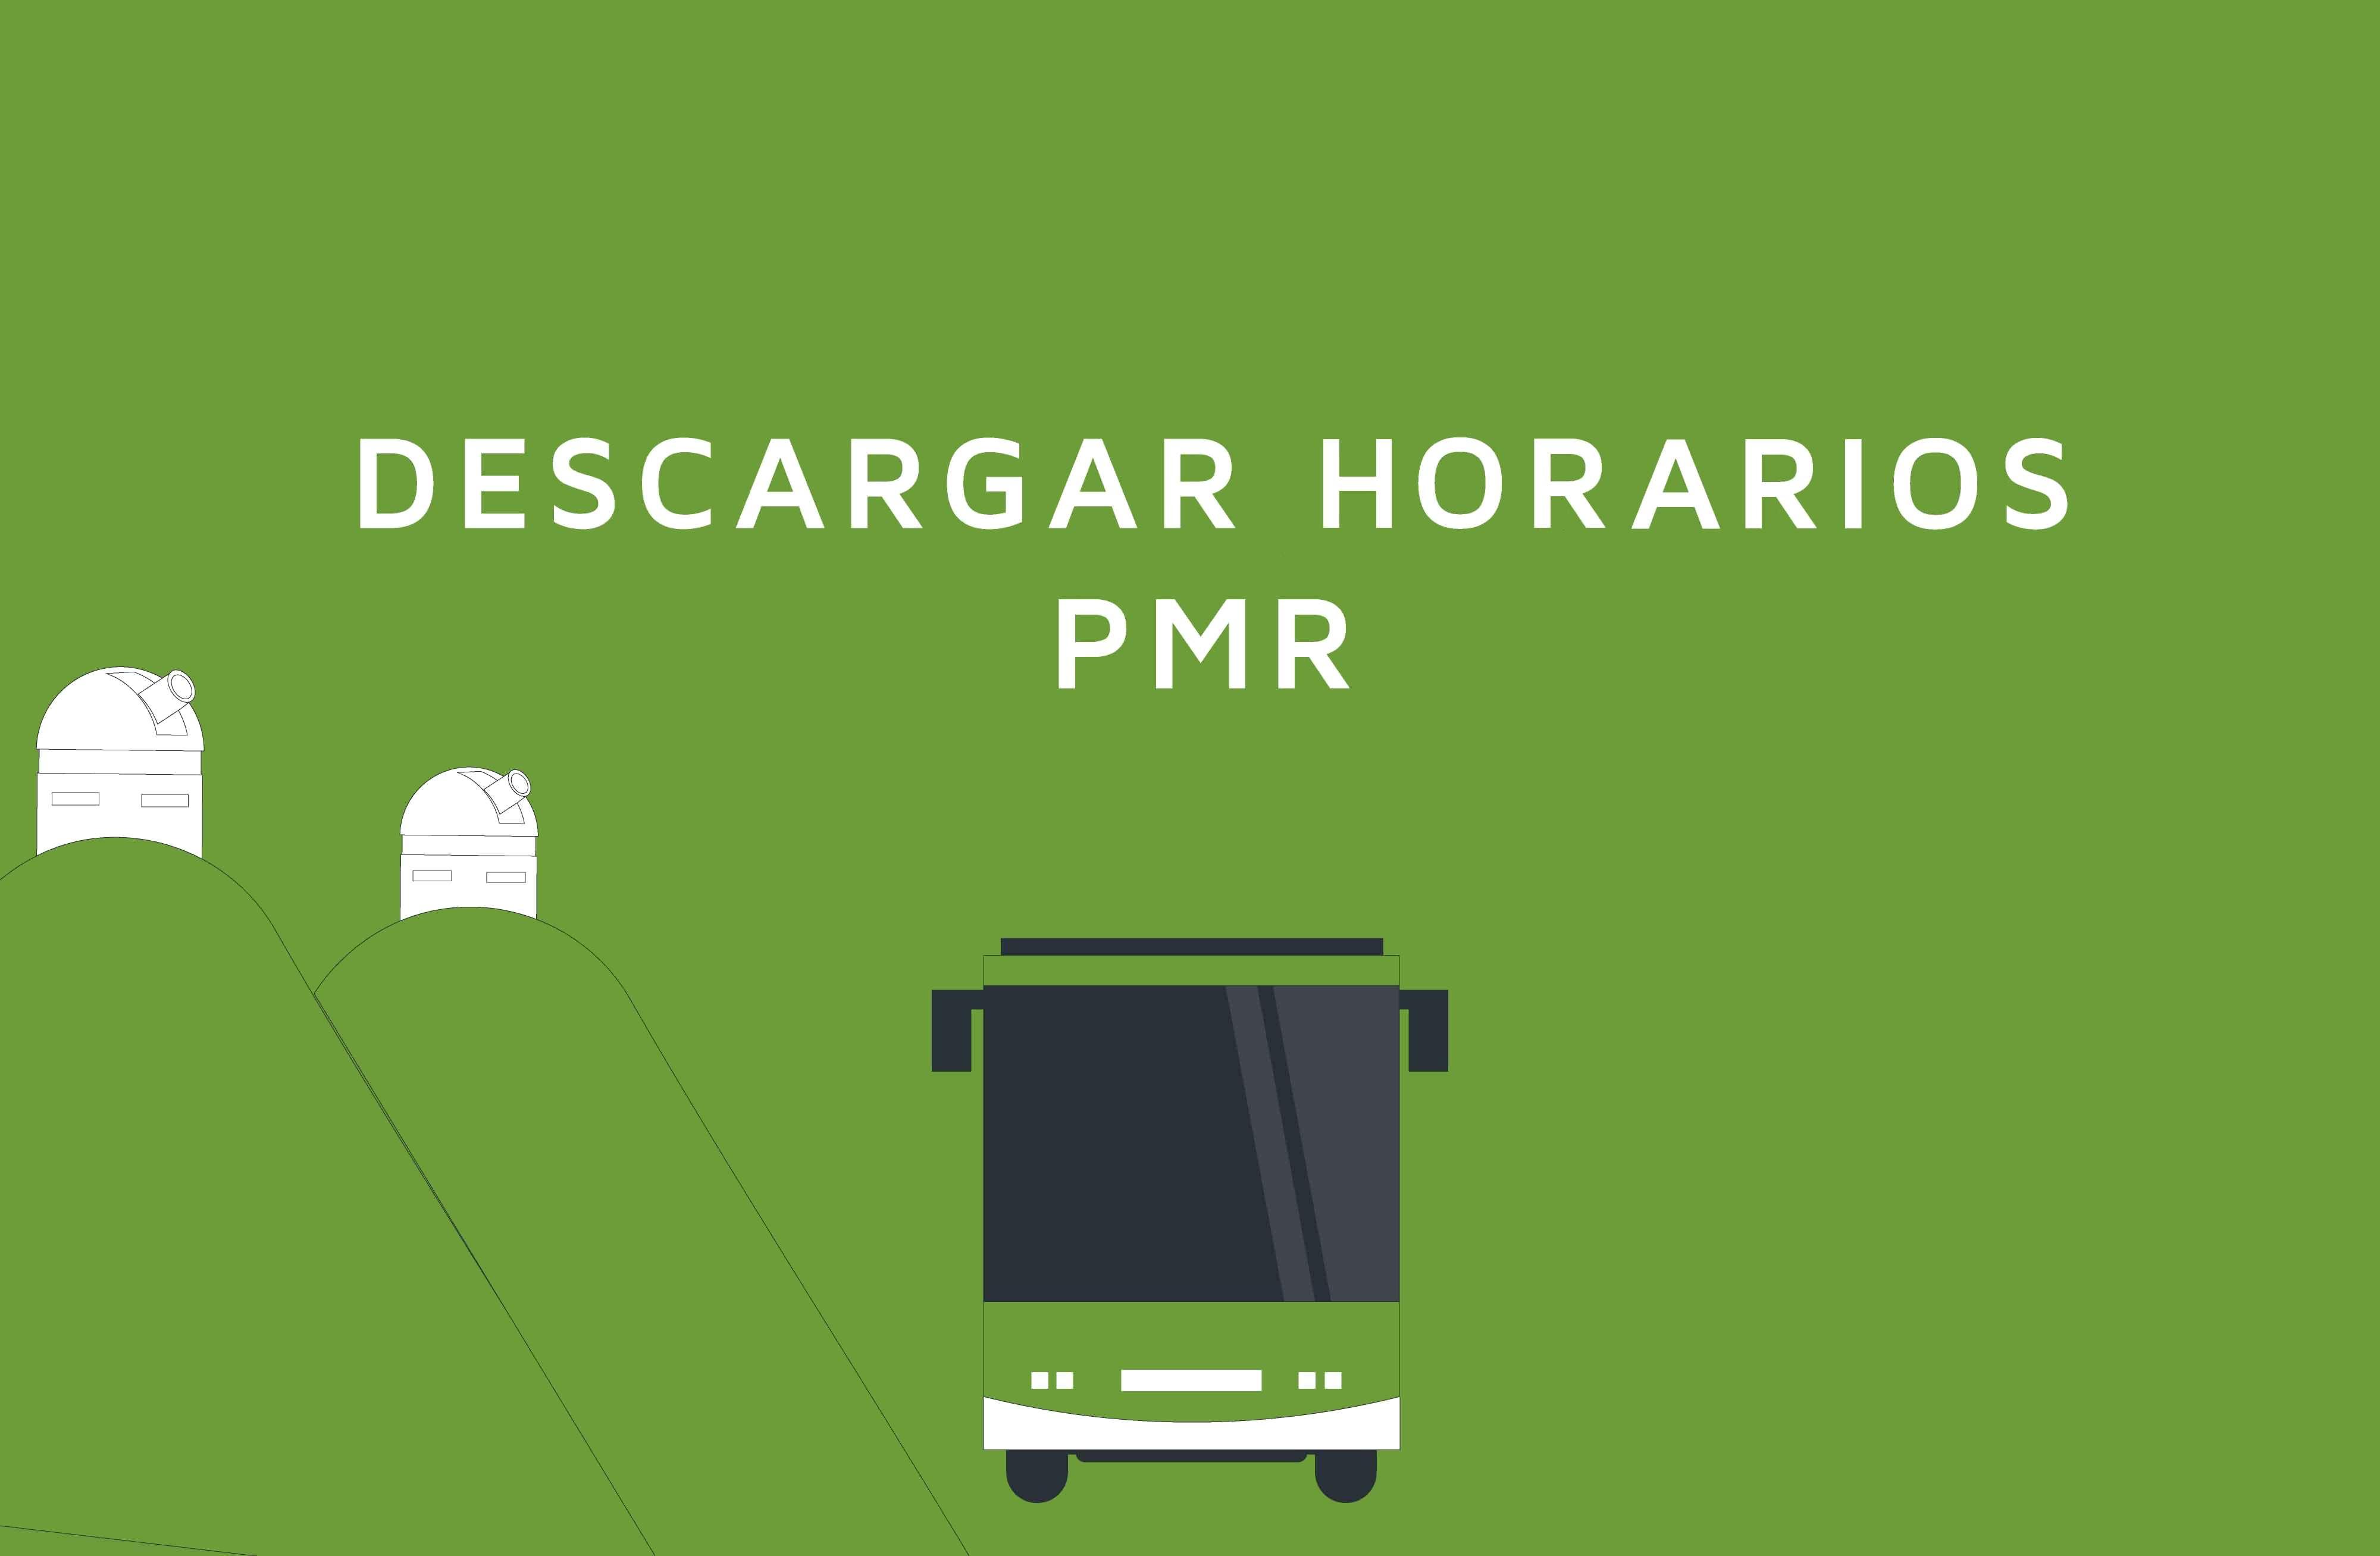 HORARIO_PMR